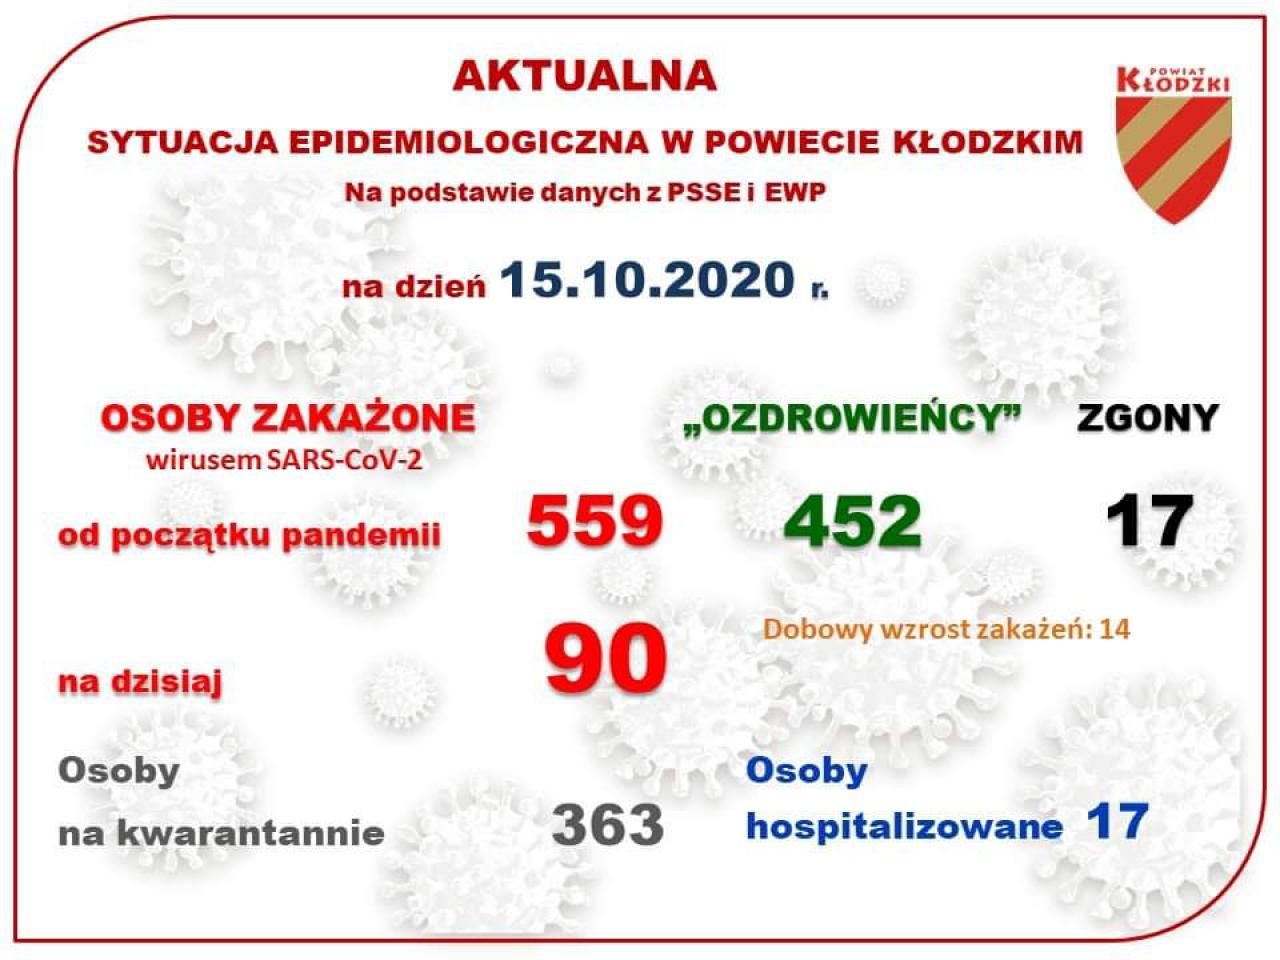 Aktualne dane dotyczące sytuacji epidemiologicznej w powiecie kłodzkim